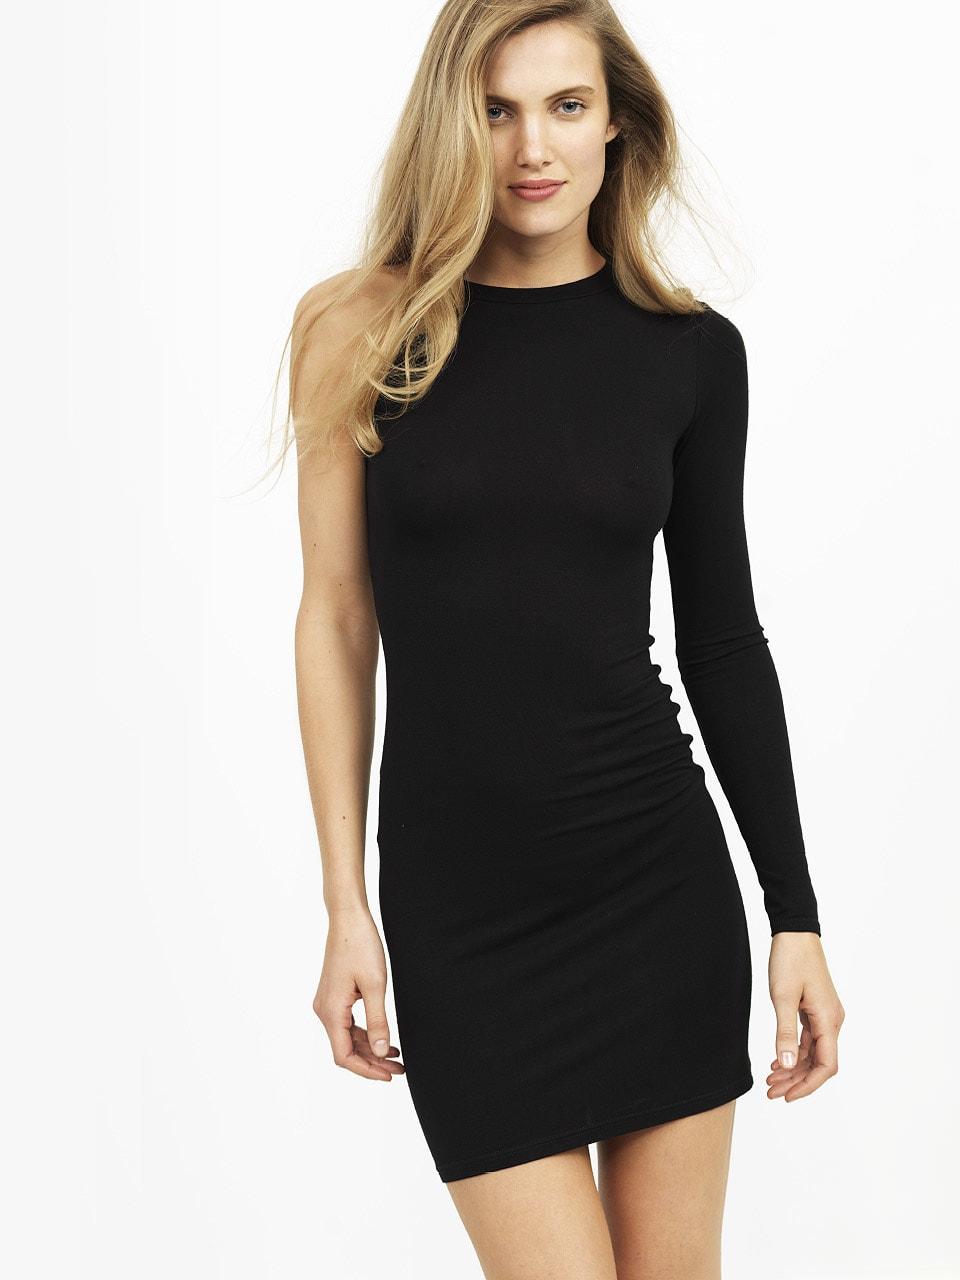 w BLACK  ASYMMETRICAL ONE SHOULDER MINI DRESS